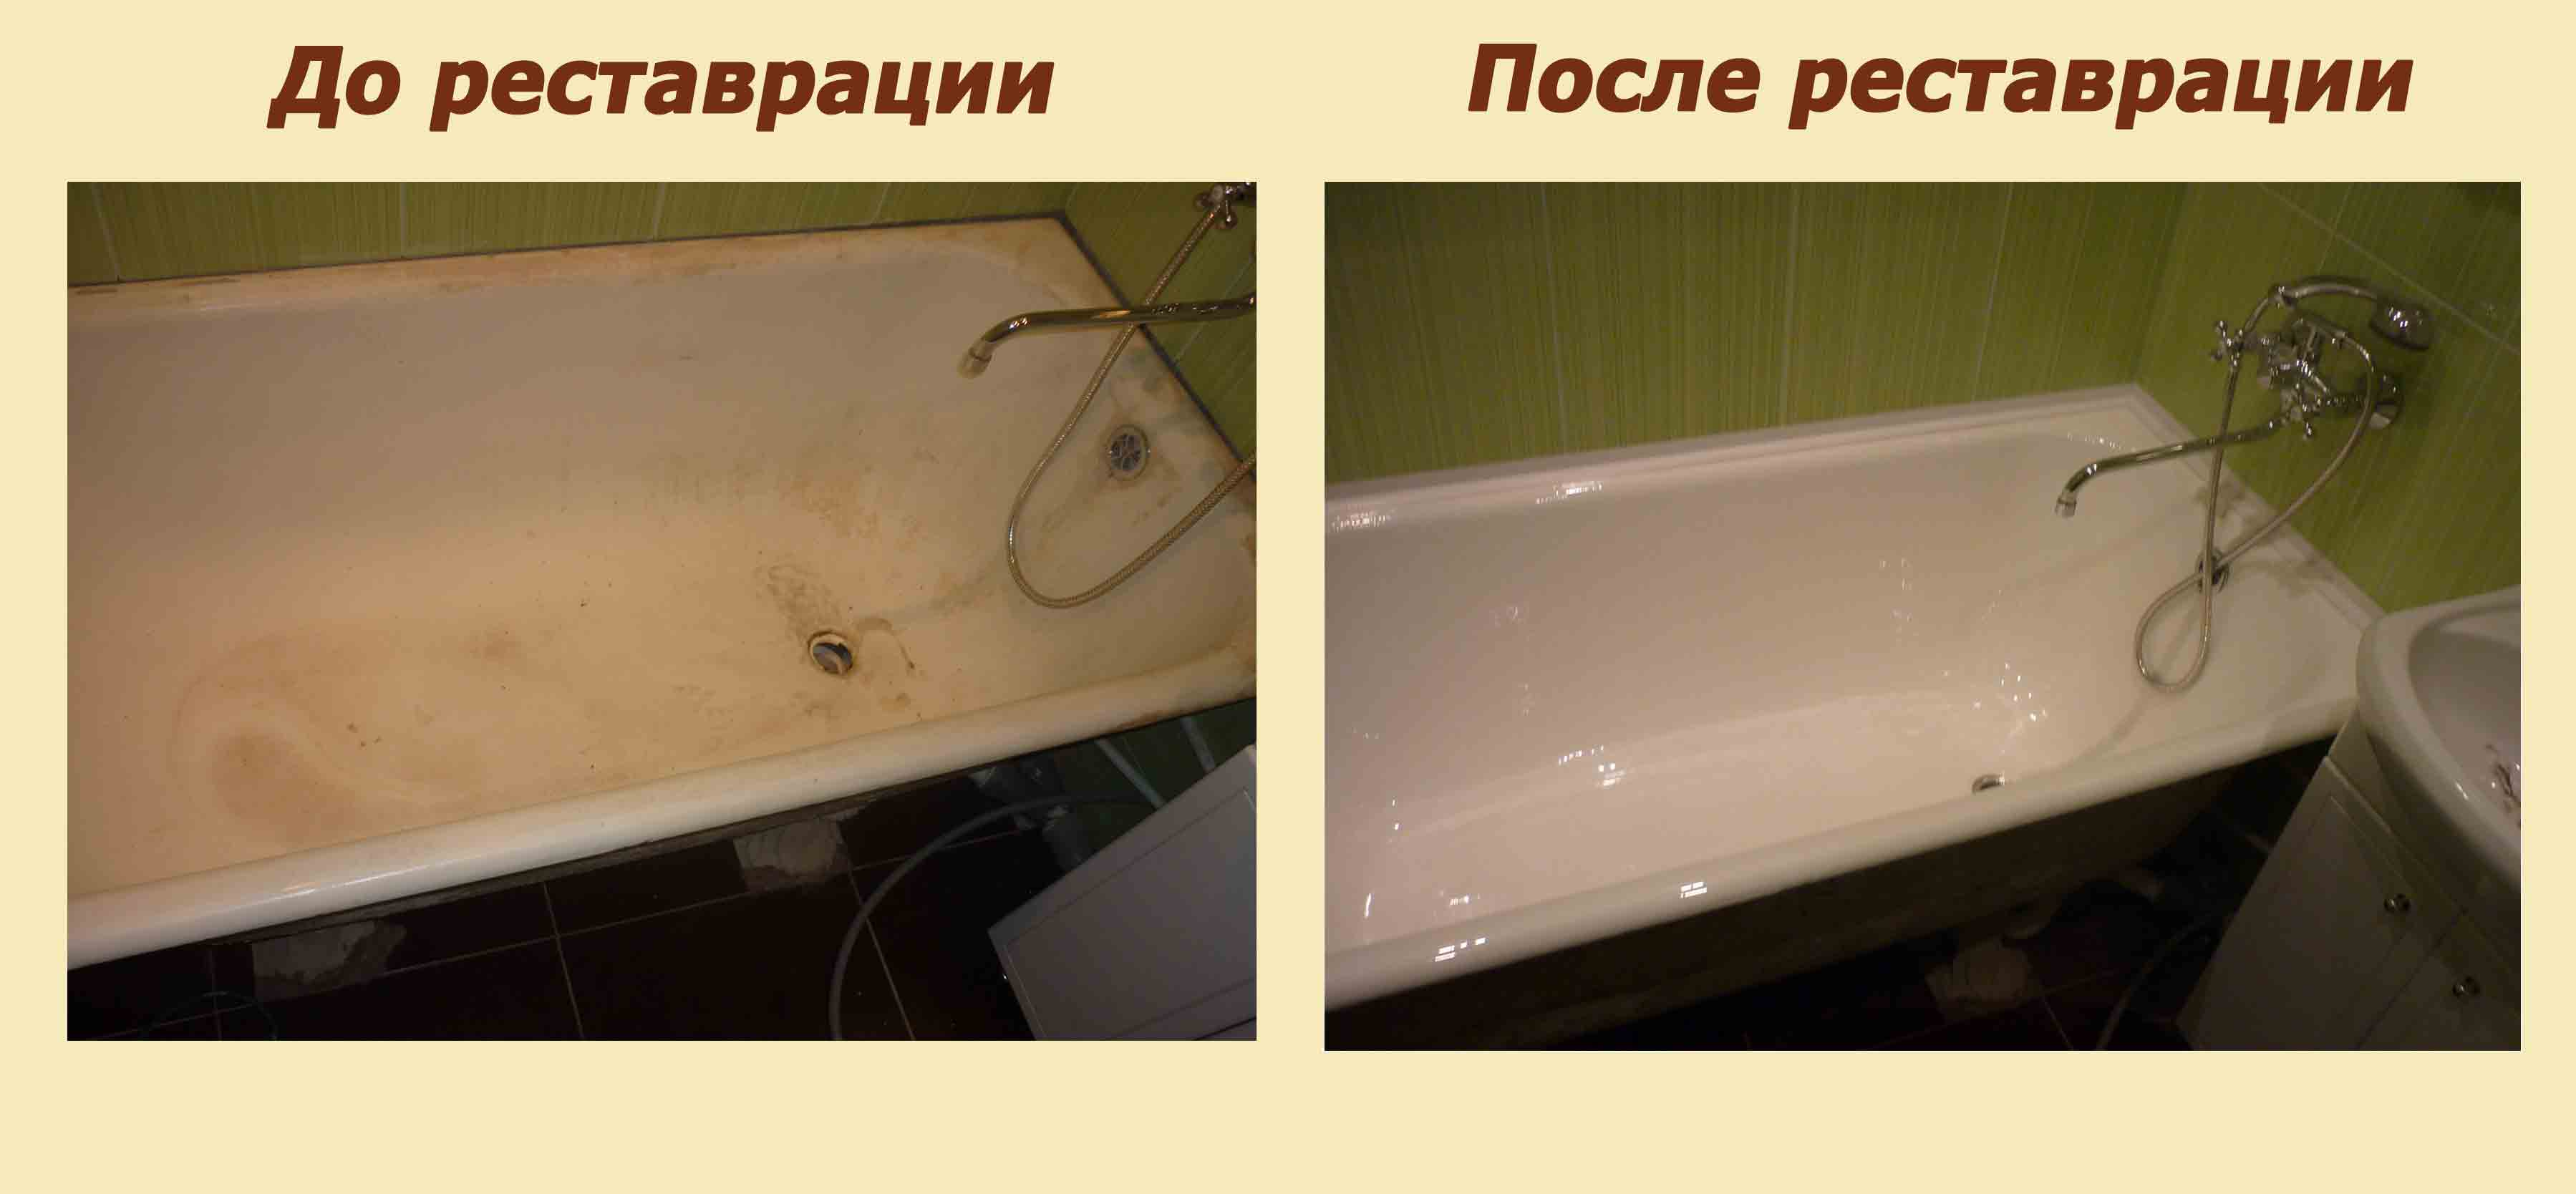 Практичная наливная ванна